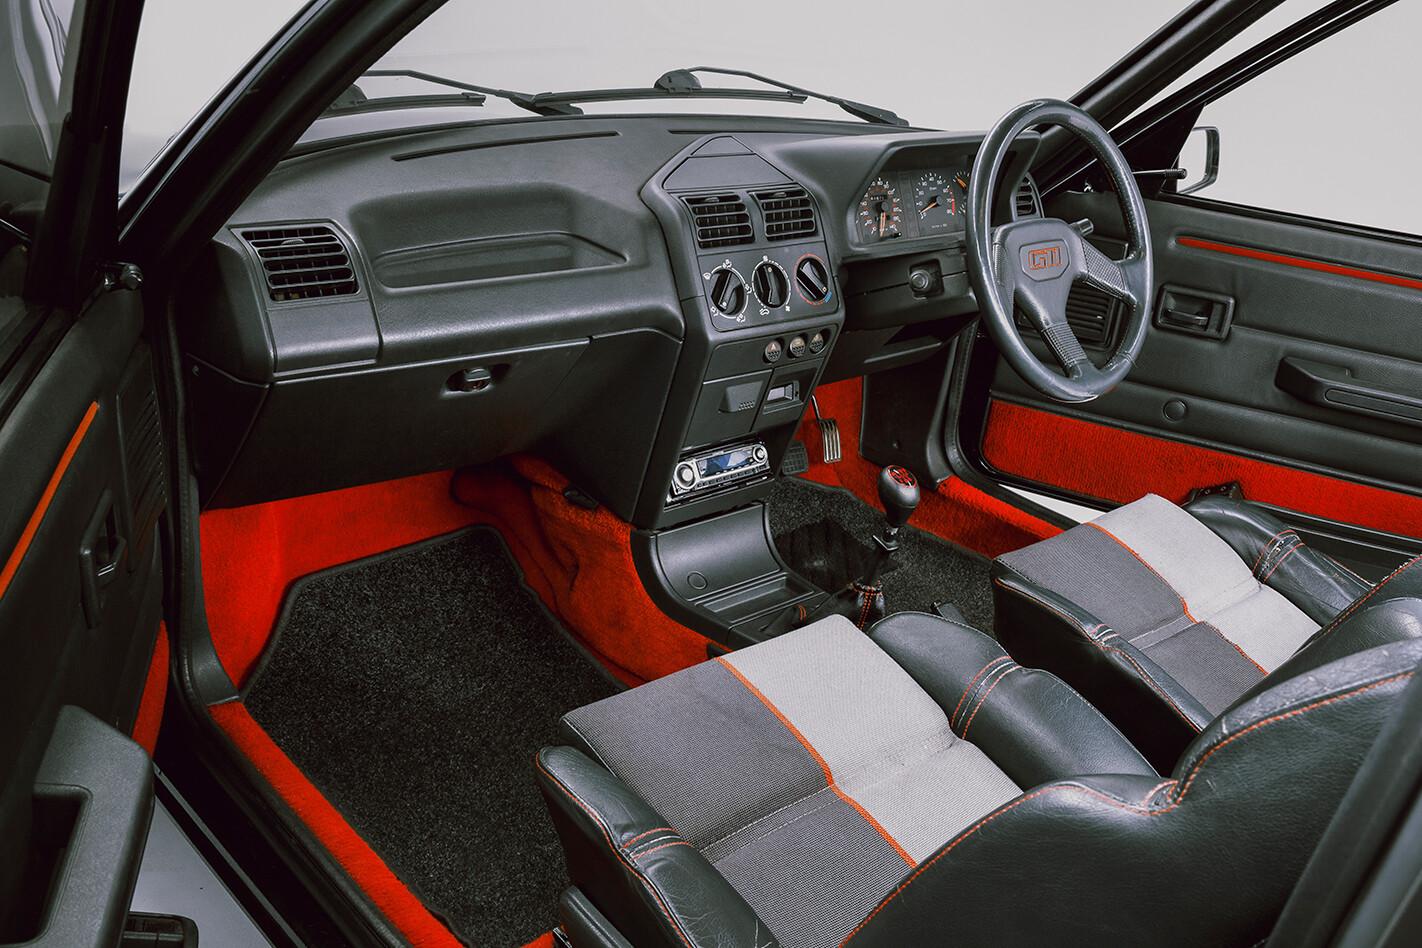 Classic Peugeot 205 GTi Interior